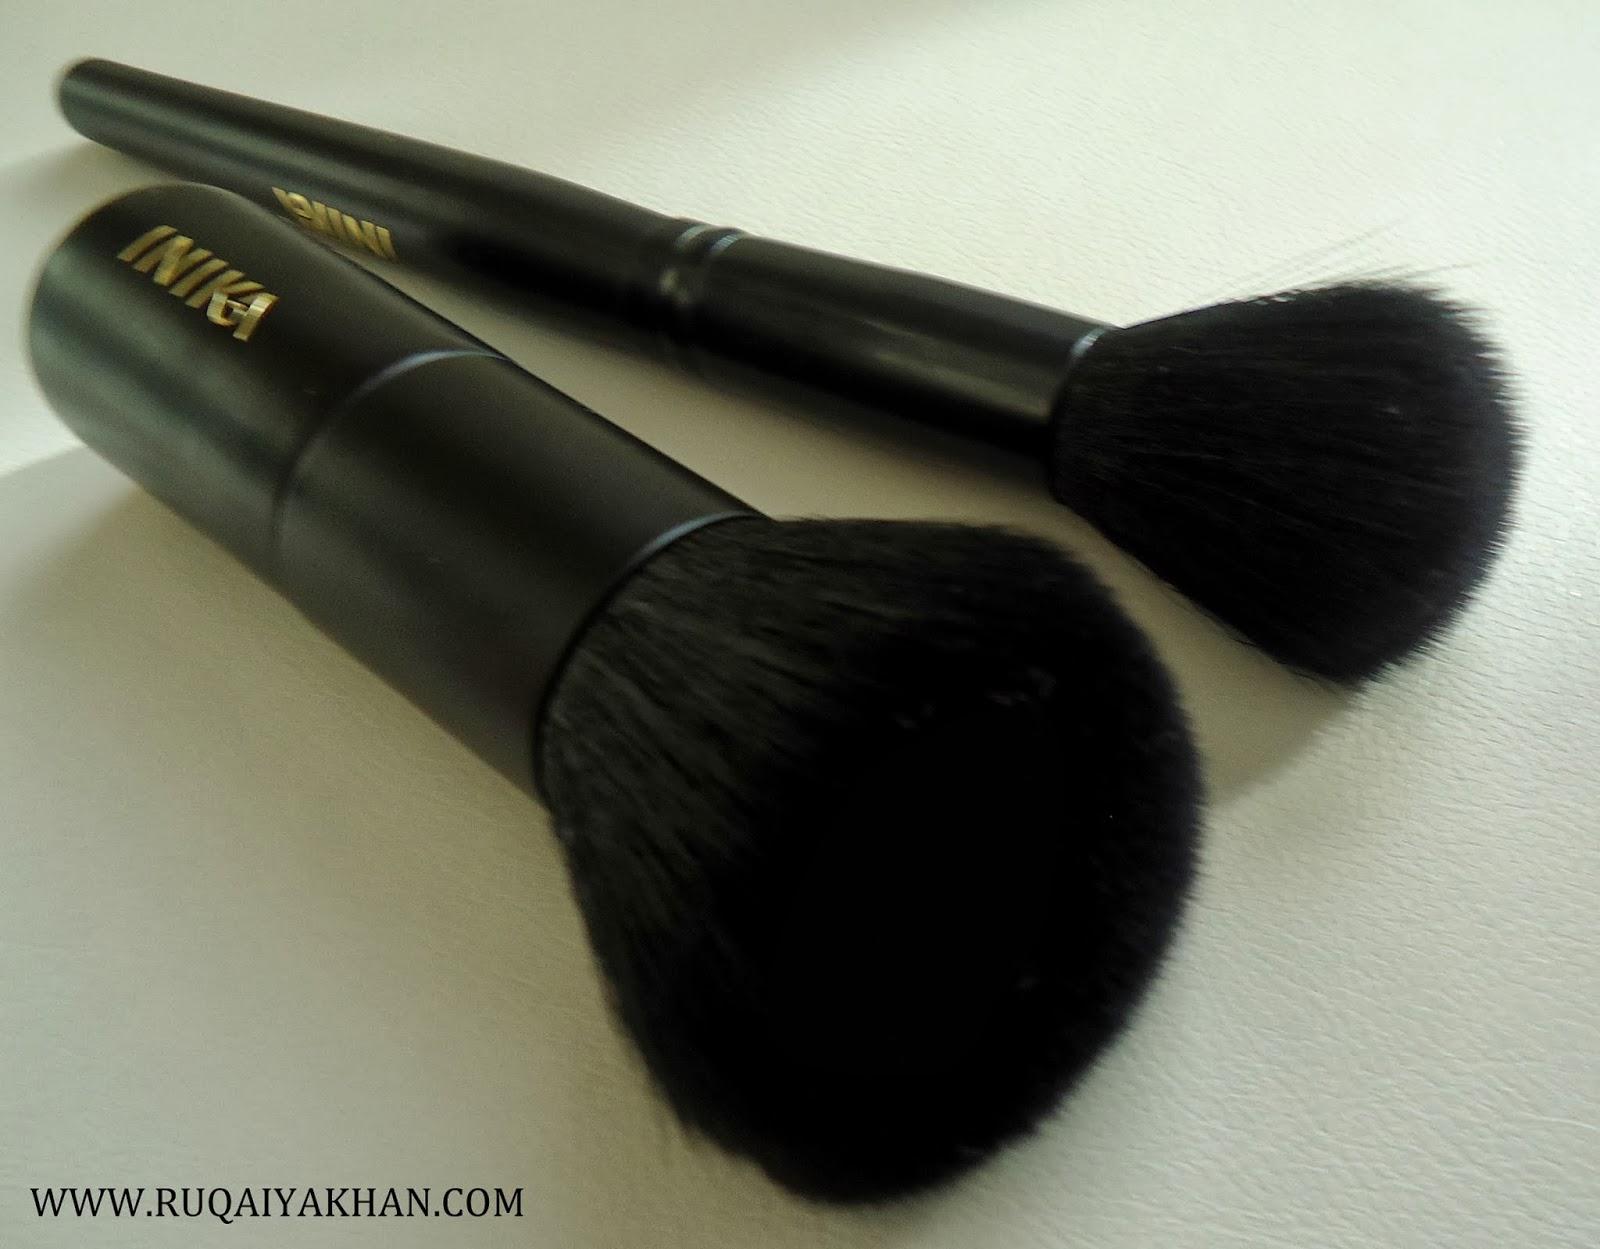 Ruqaiya Khan: Vegan Makeup Brushes by Inika Blush and Kabuki Brush